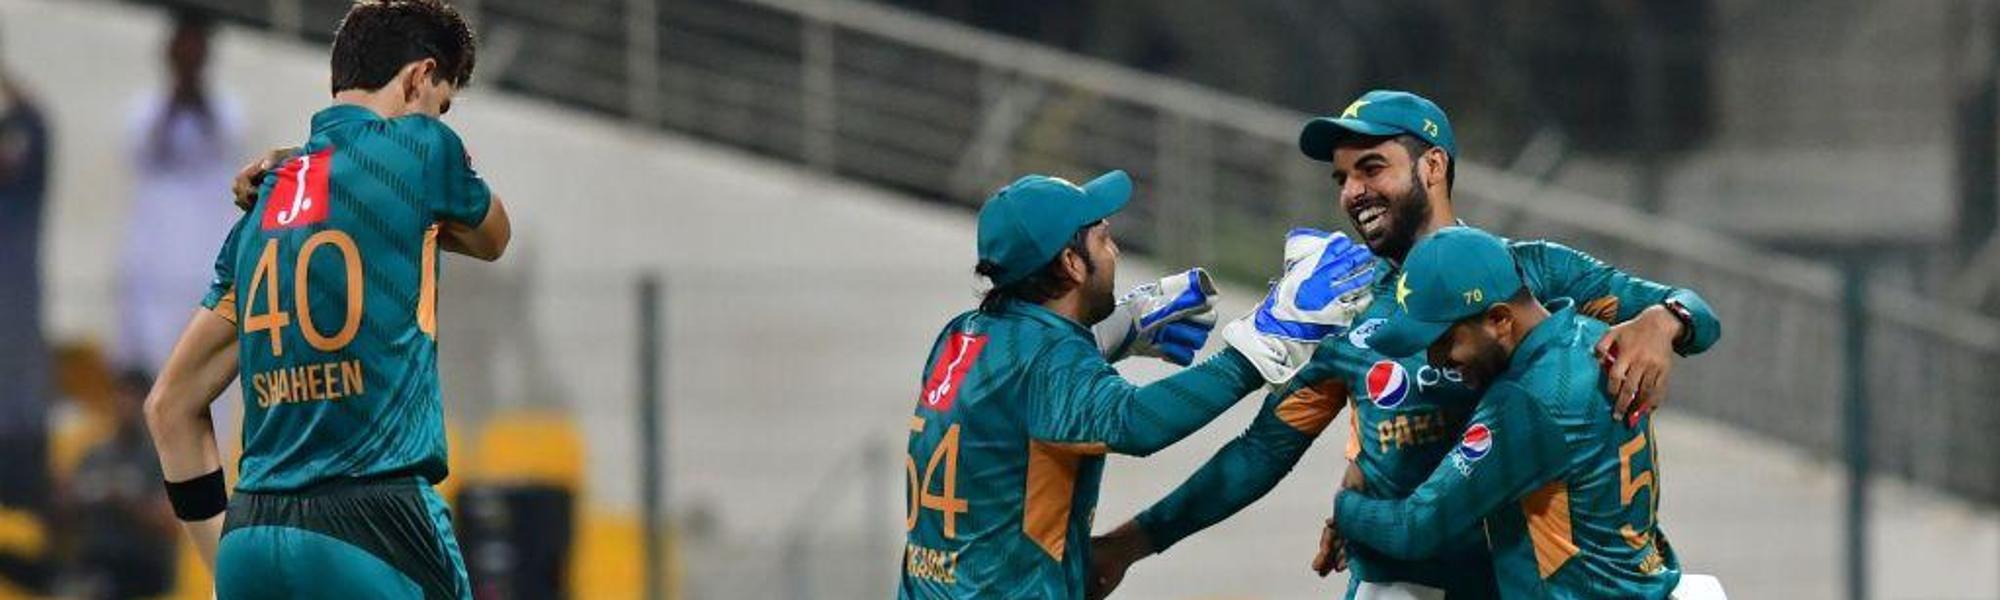 Pakistan win first T20I